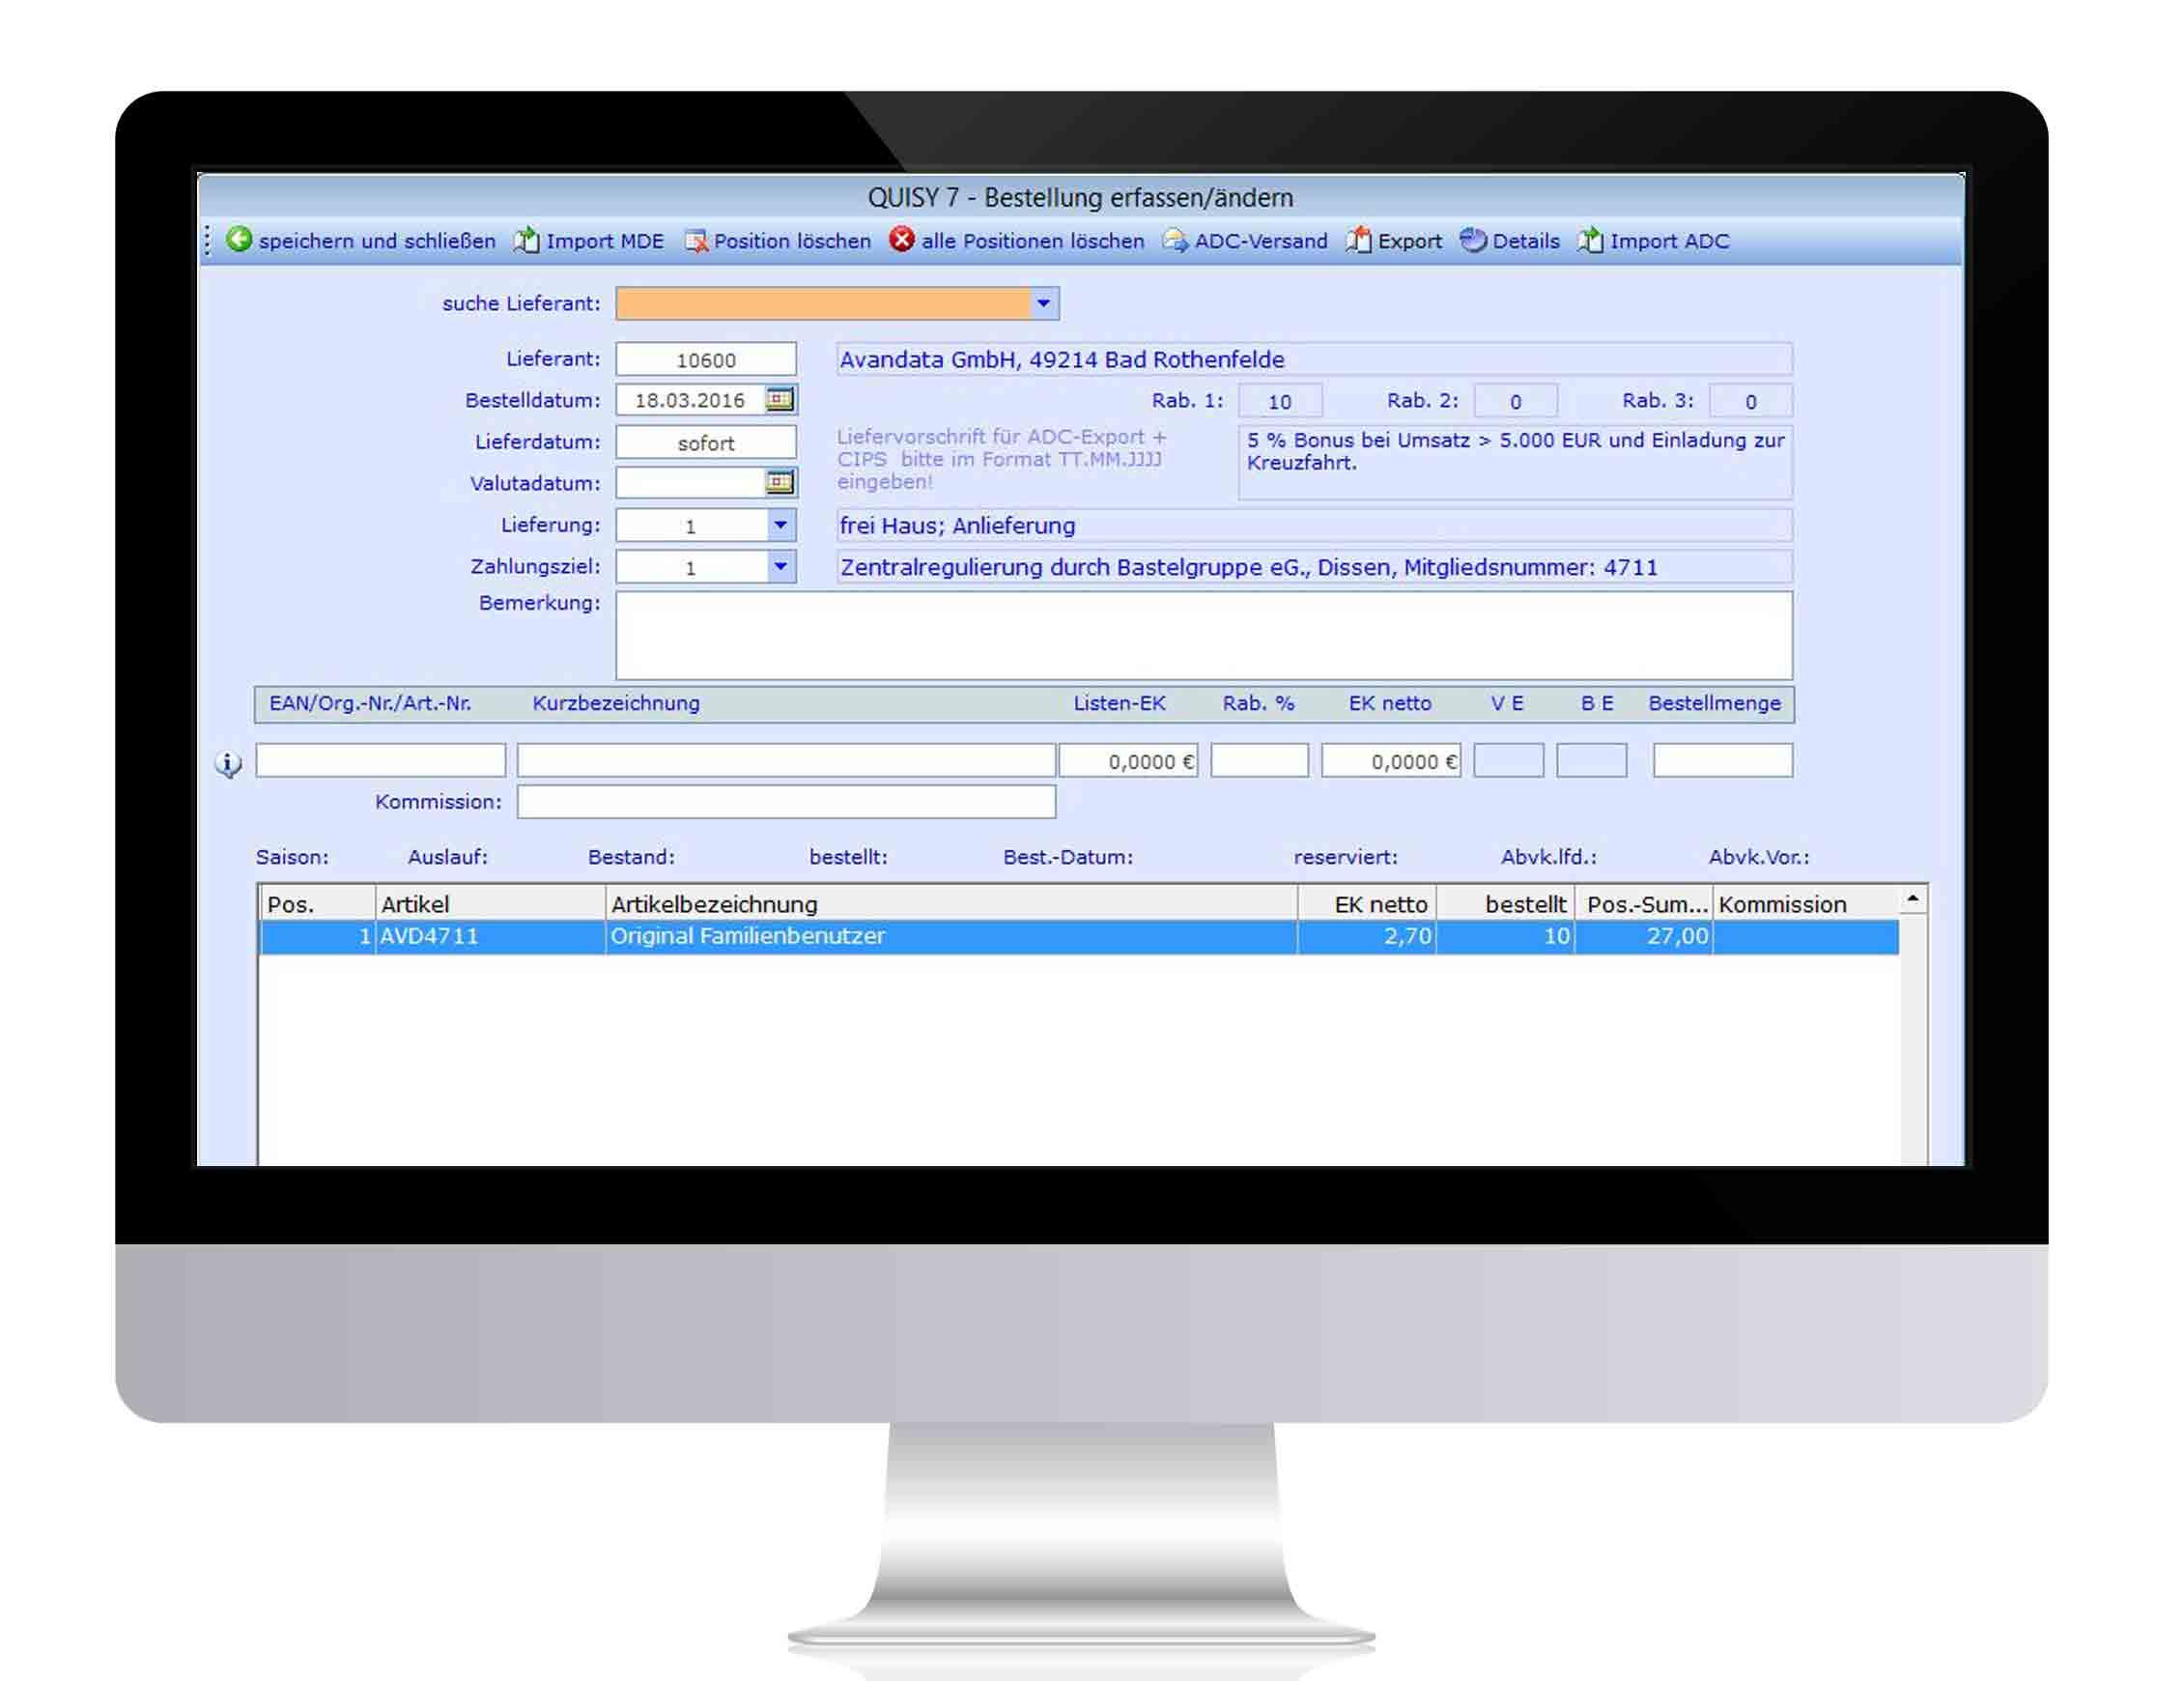 Bestellerfassung QUISY 7 - Warenwirtschaft & Kassensystem für Spielwaren, PBS (Papier, Bürobedarf und Schreibwaren) und Bastelbedarf